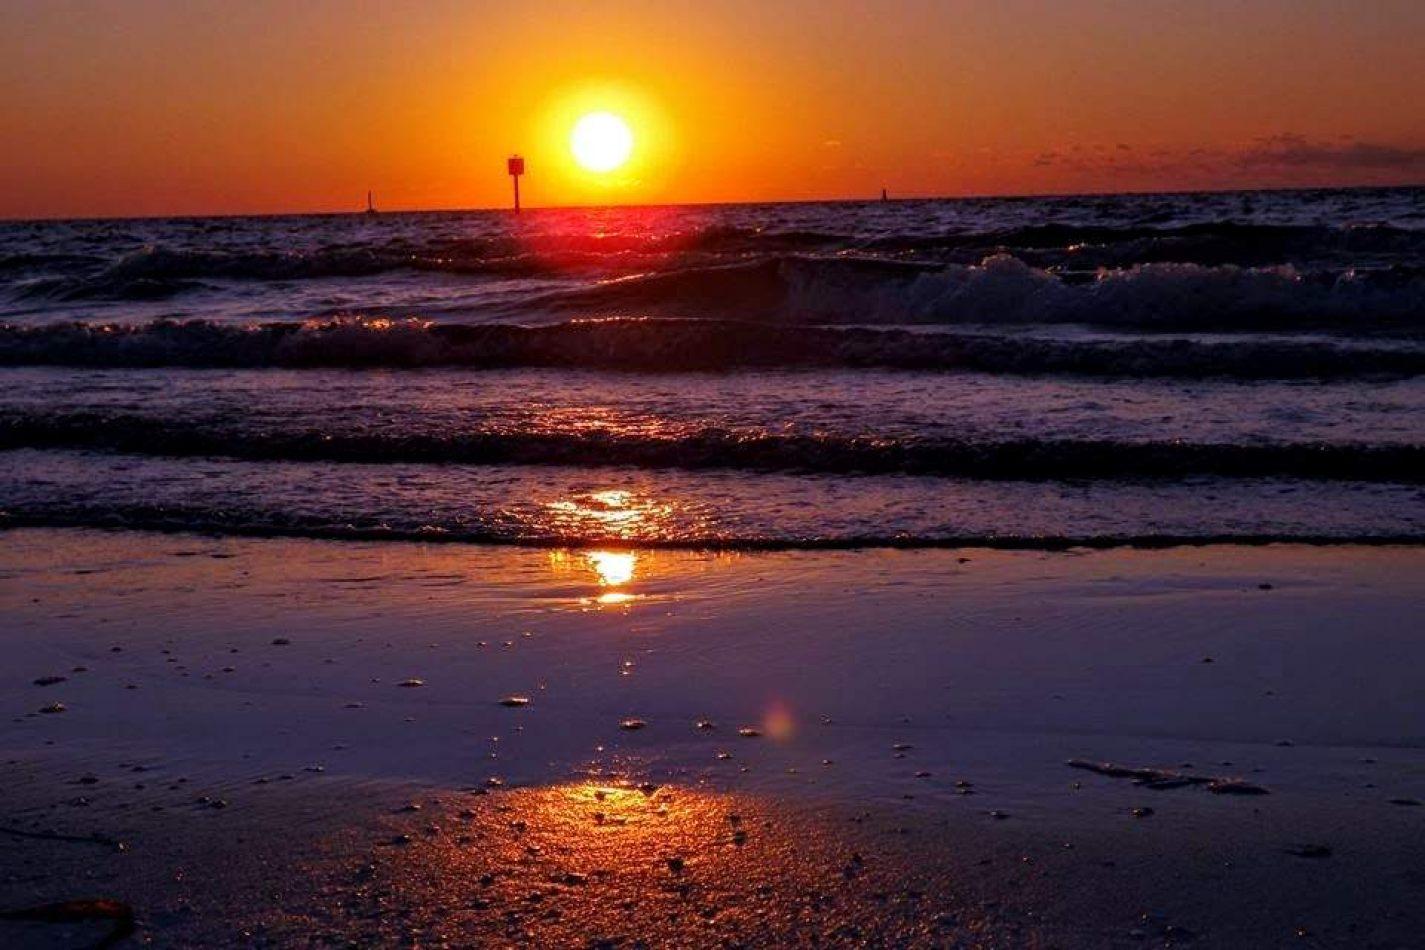 Hibiscus & Nomada : - - Voted Best Sunset in Florida